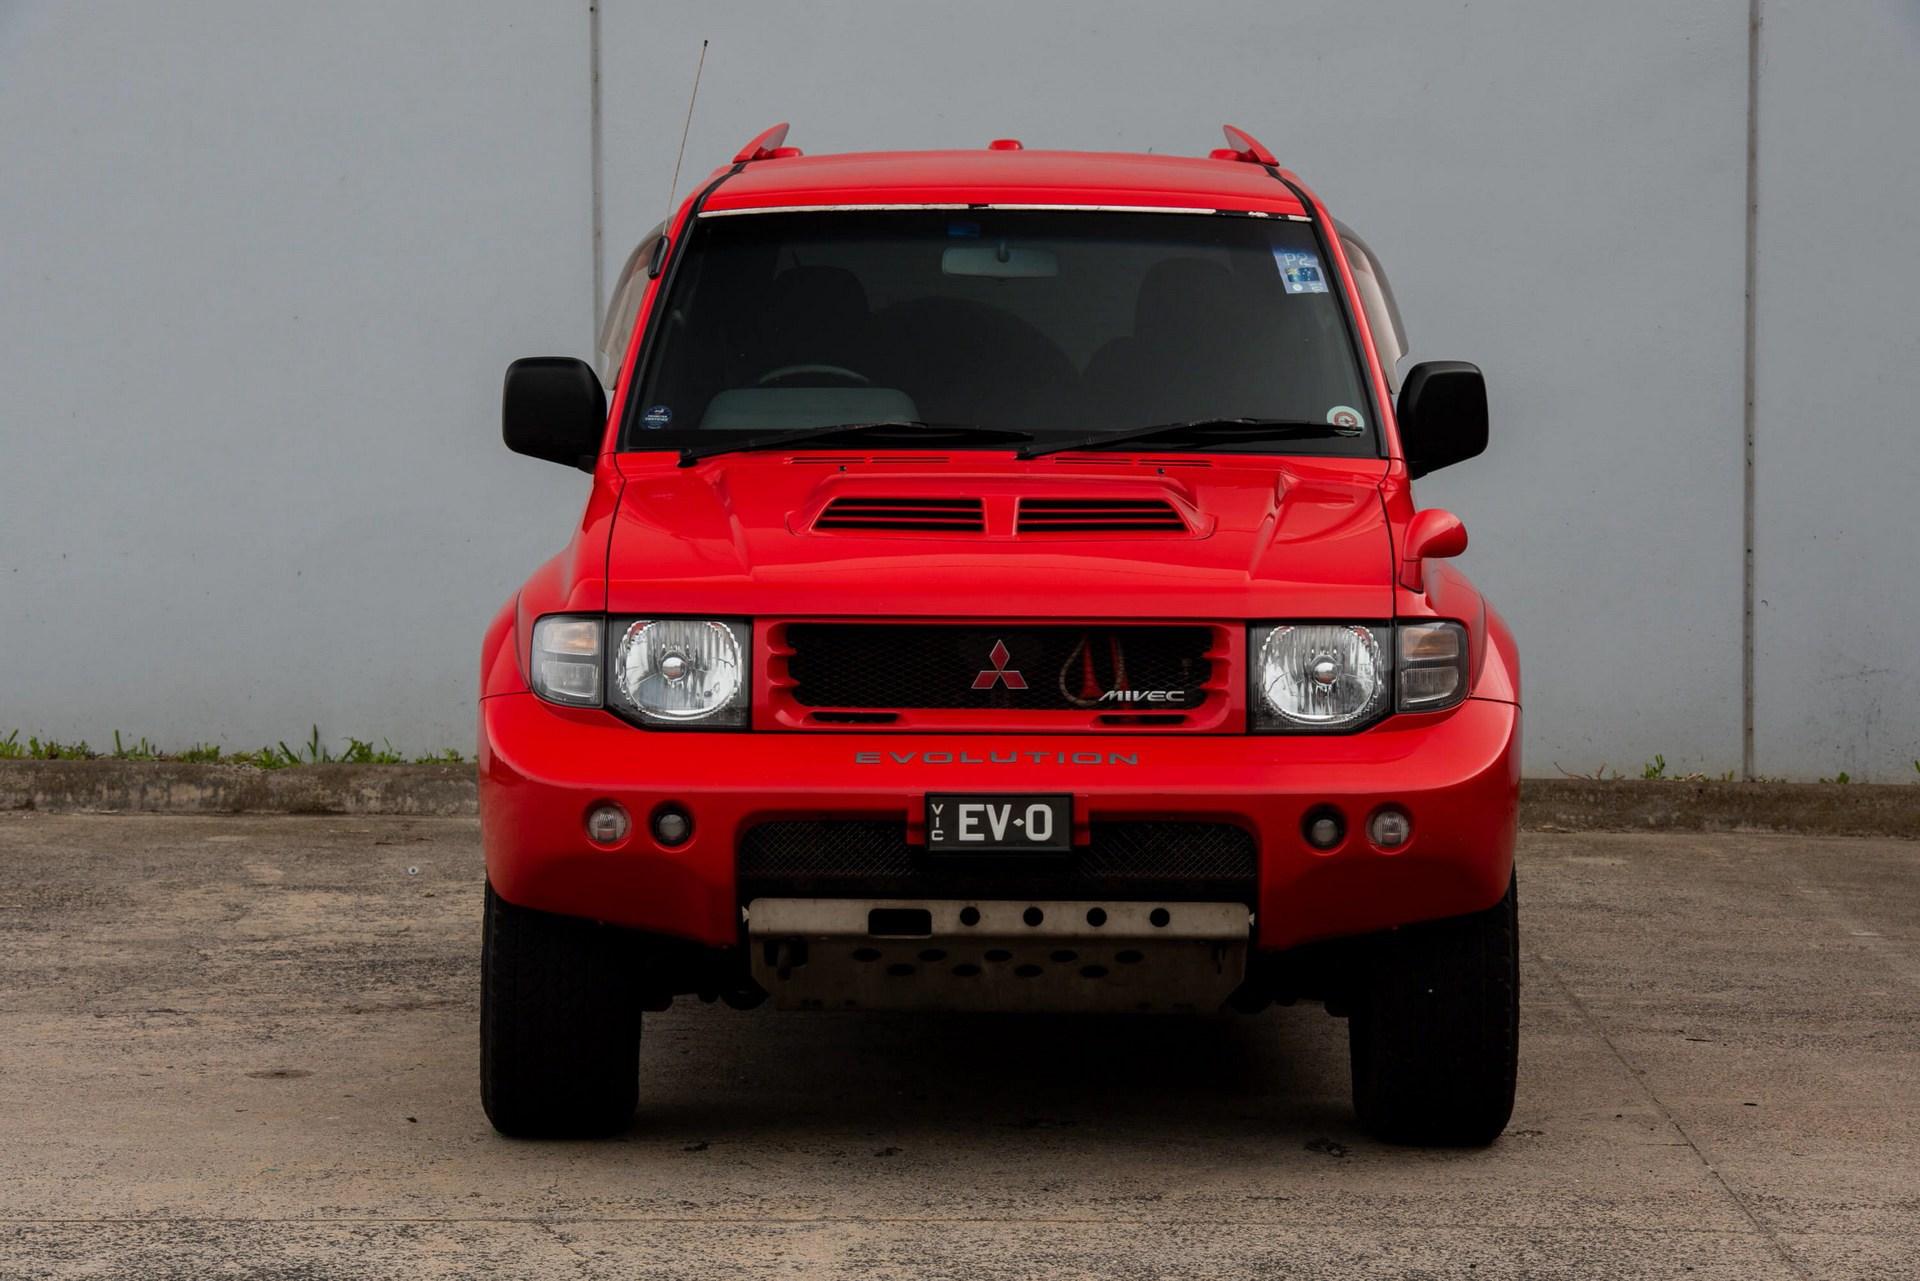 1997_Mitsubishi_Pajero_Evo_sale-0007